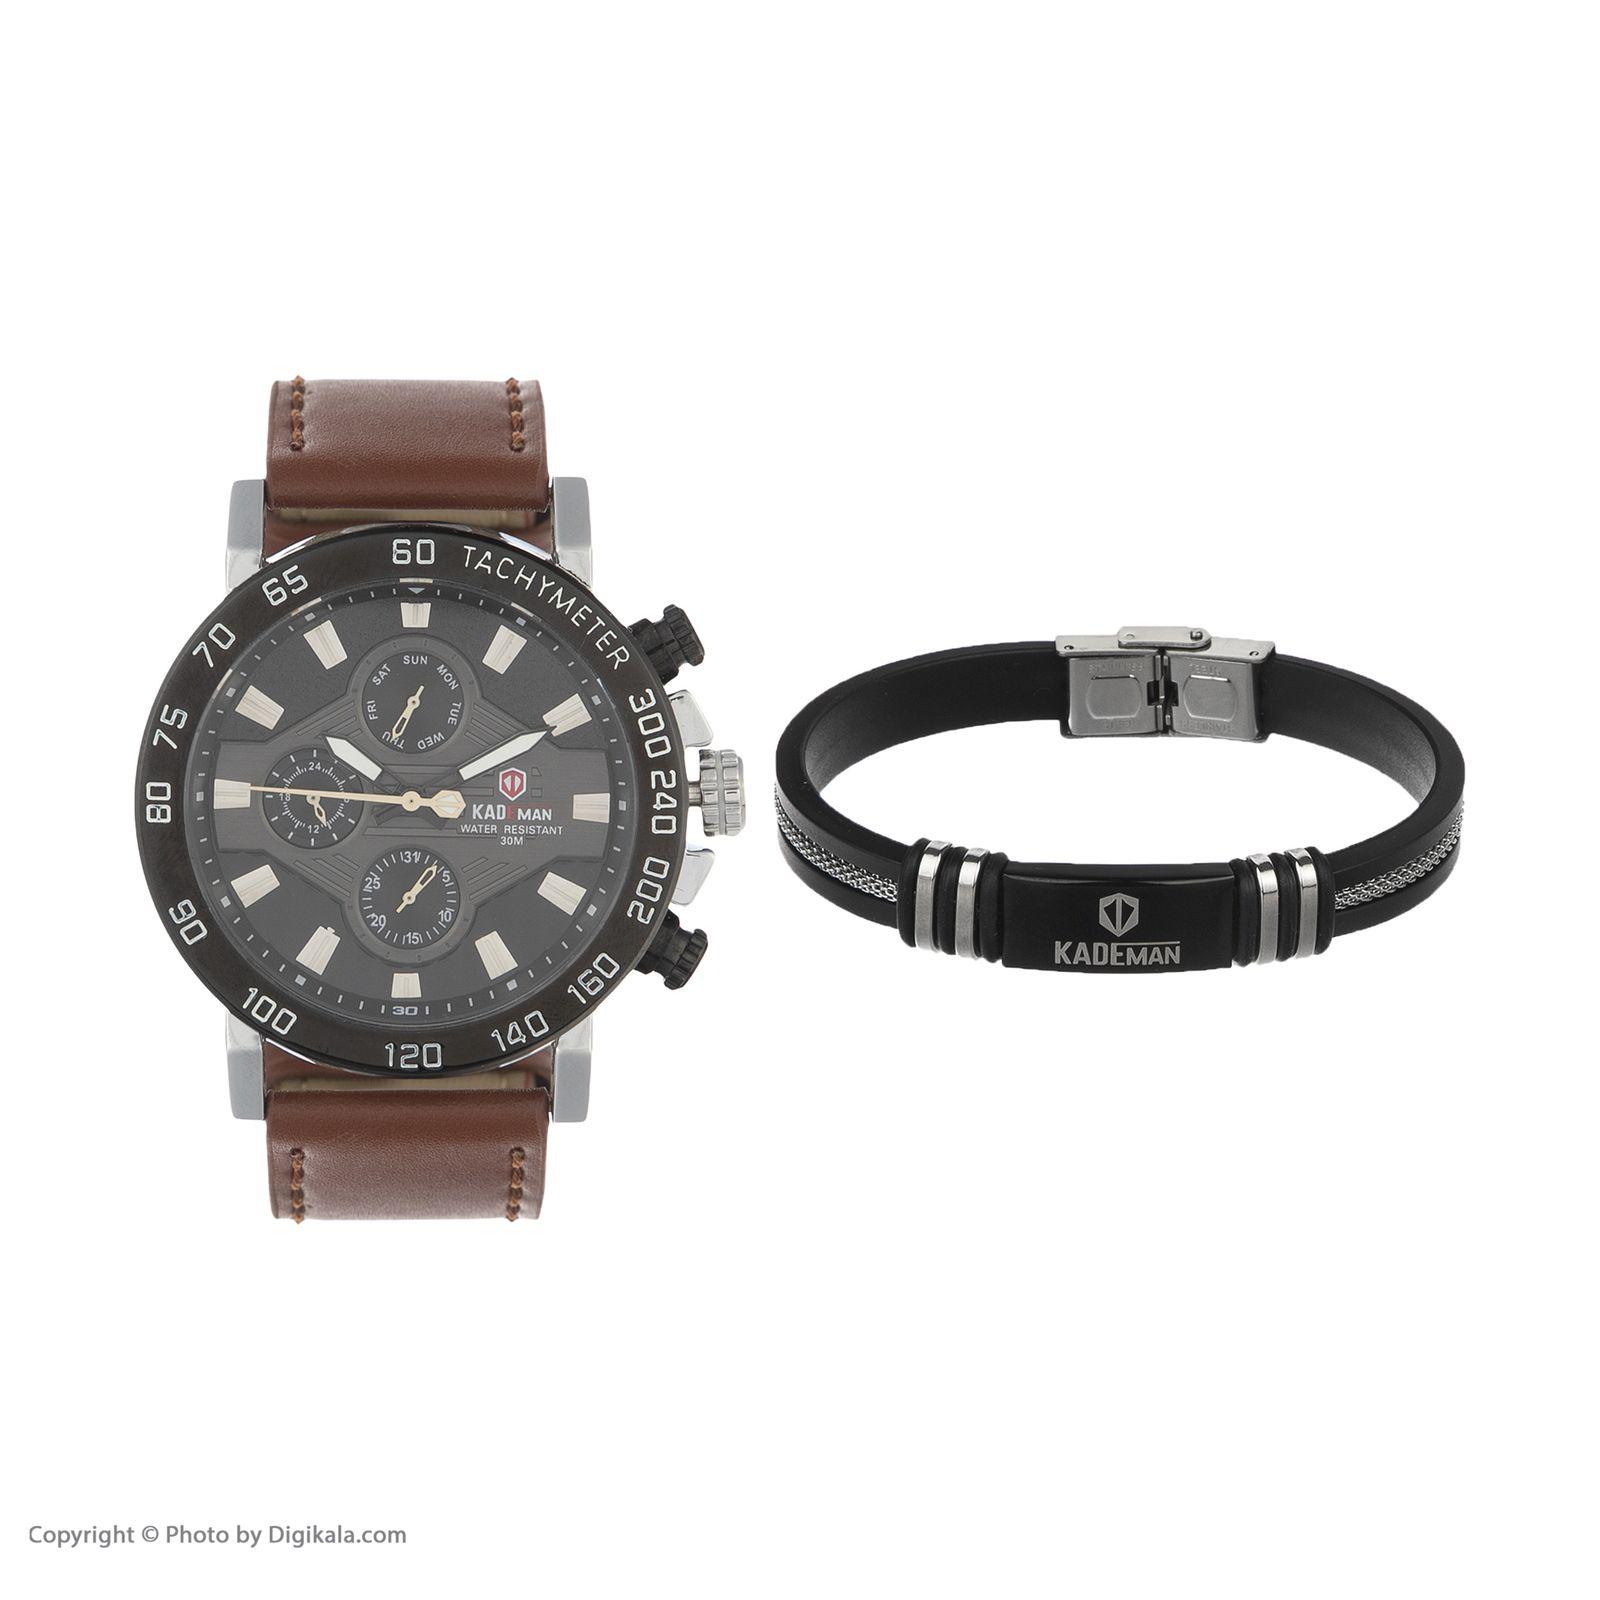 ساعت مچی عقربه ای مردانه کیدمن کد 08 به همراه دستبند -  - 2